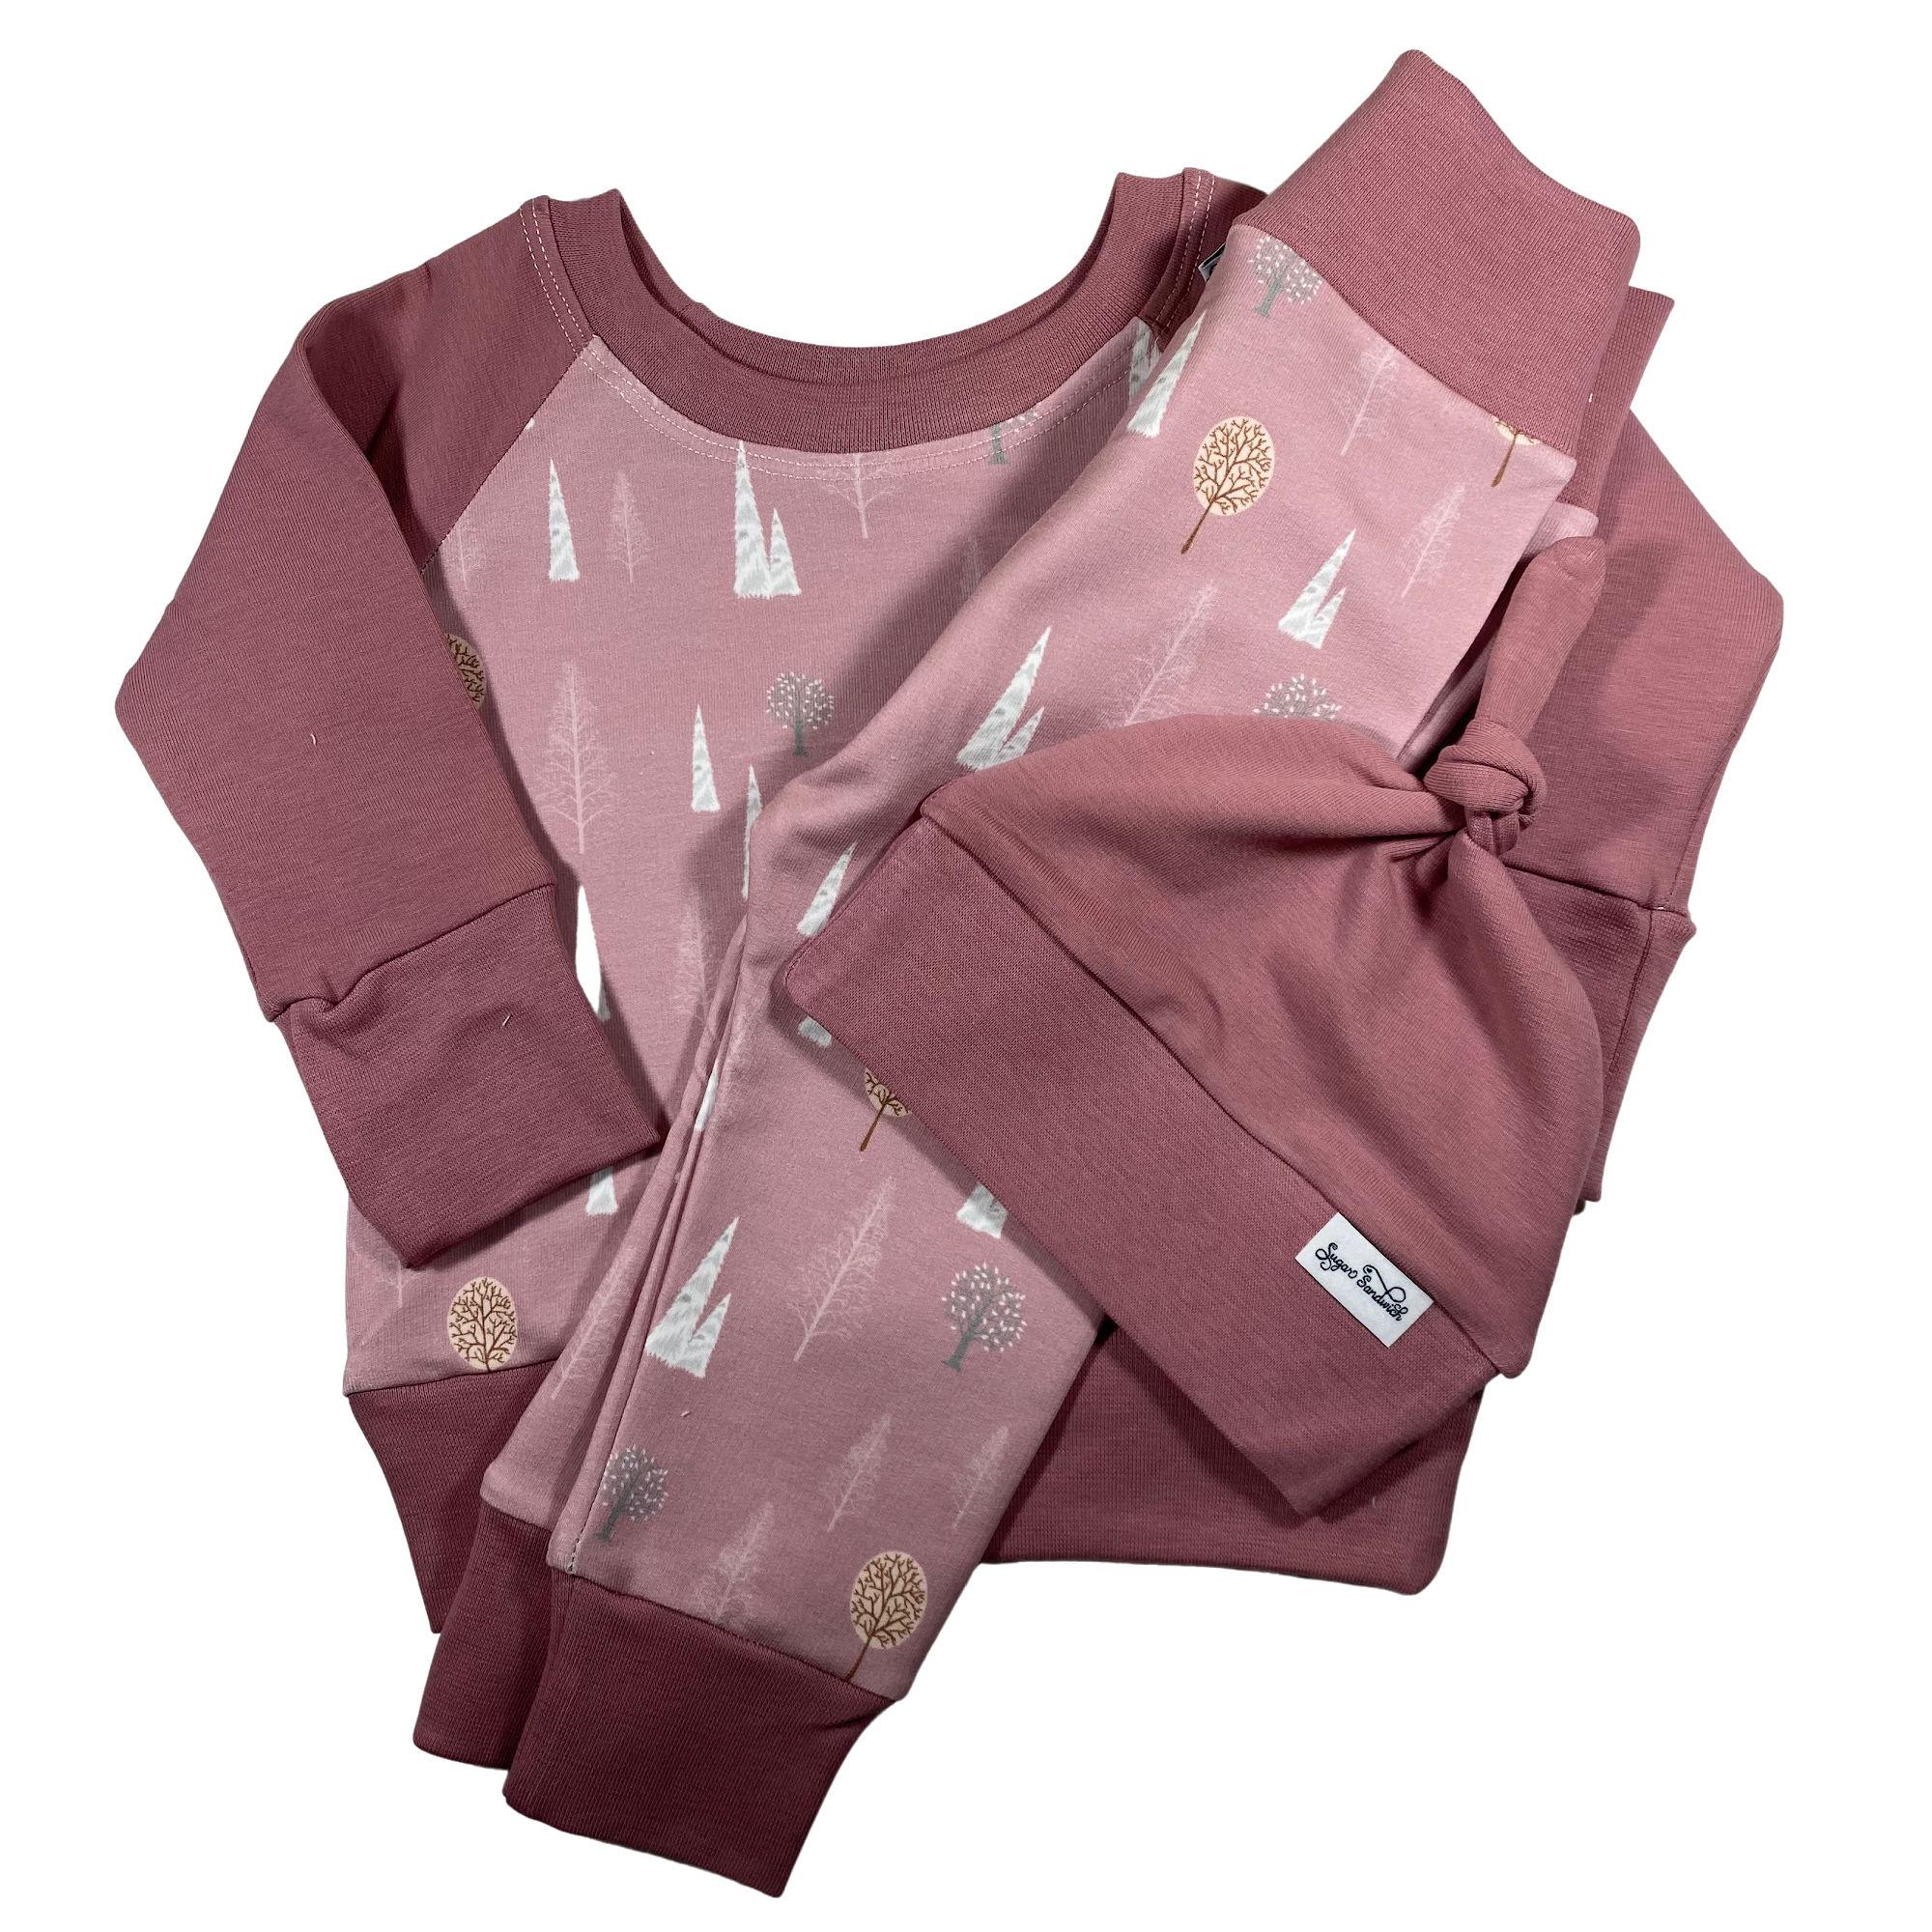 pink mountains print 3-piece jogger set